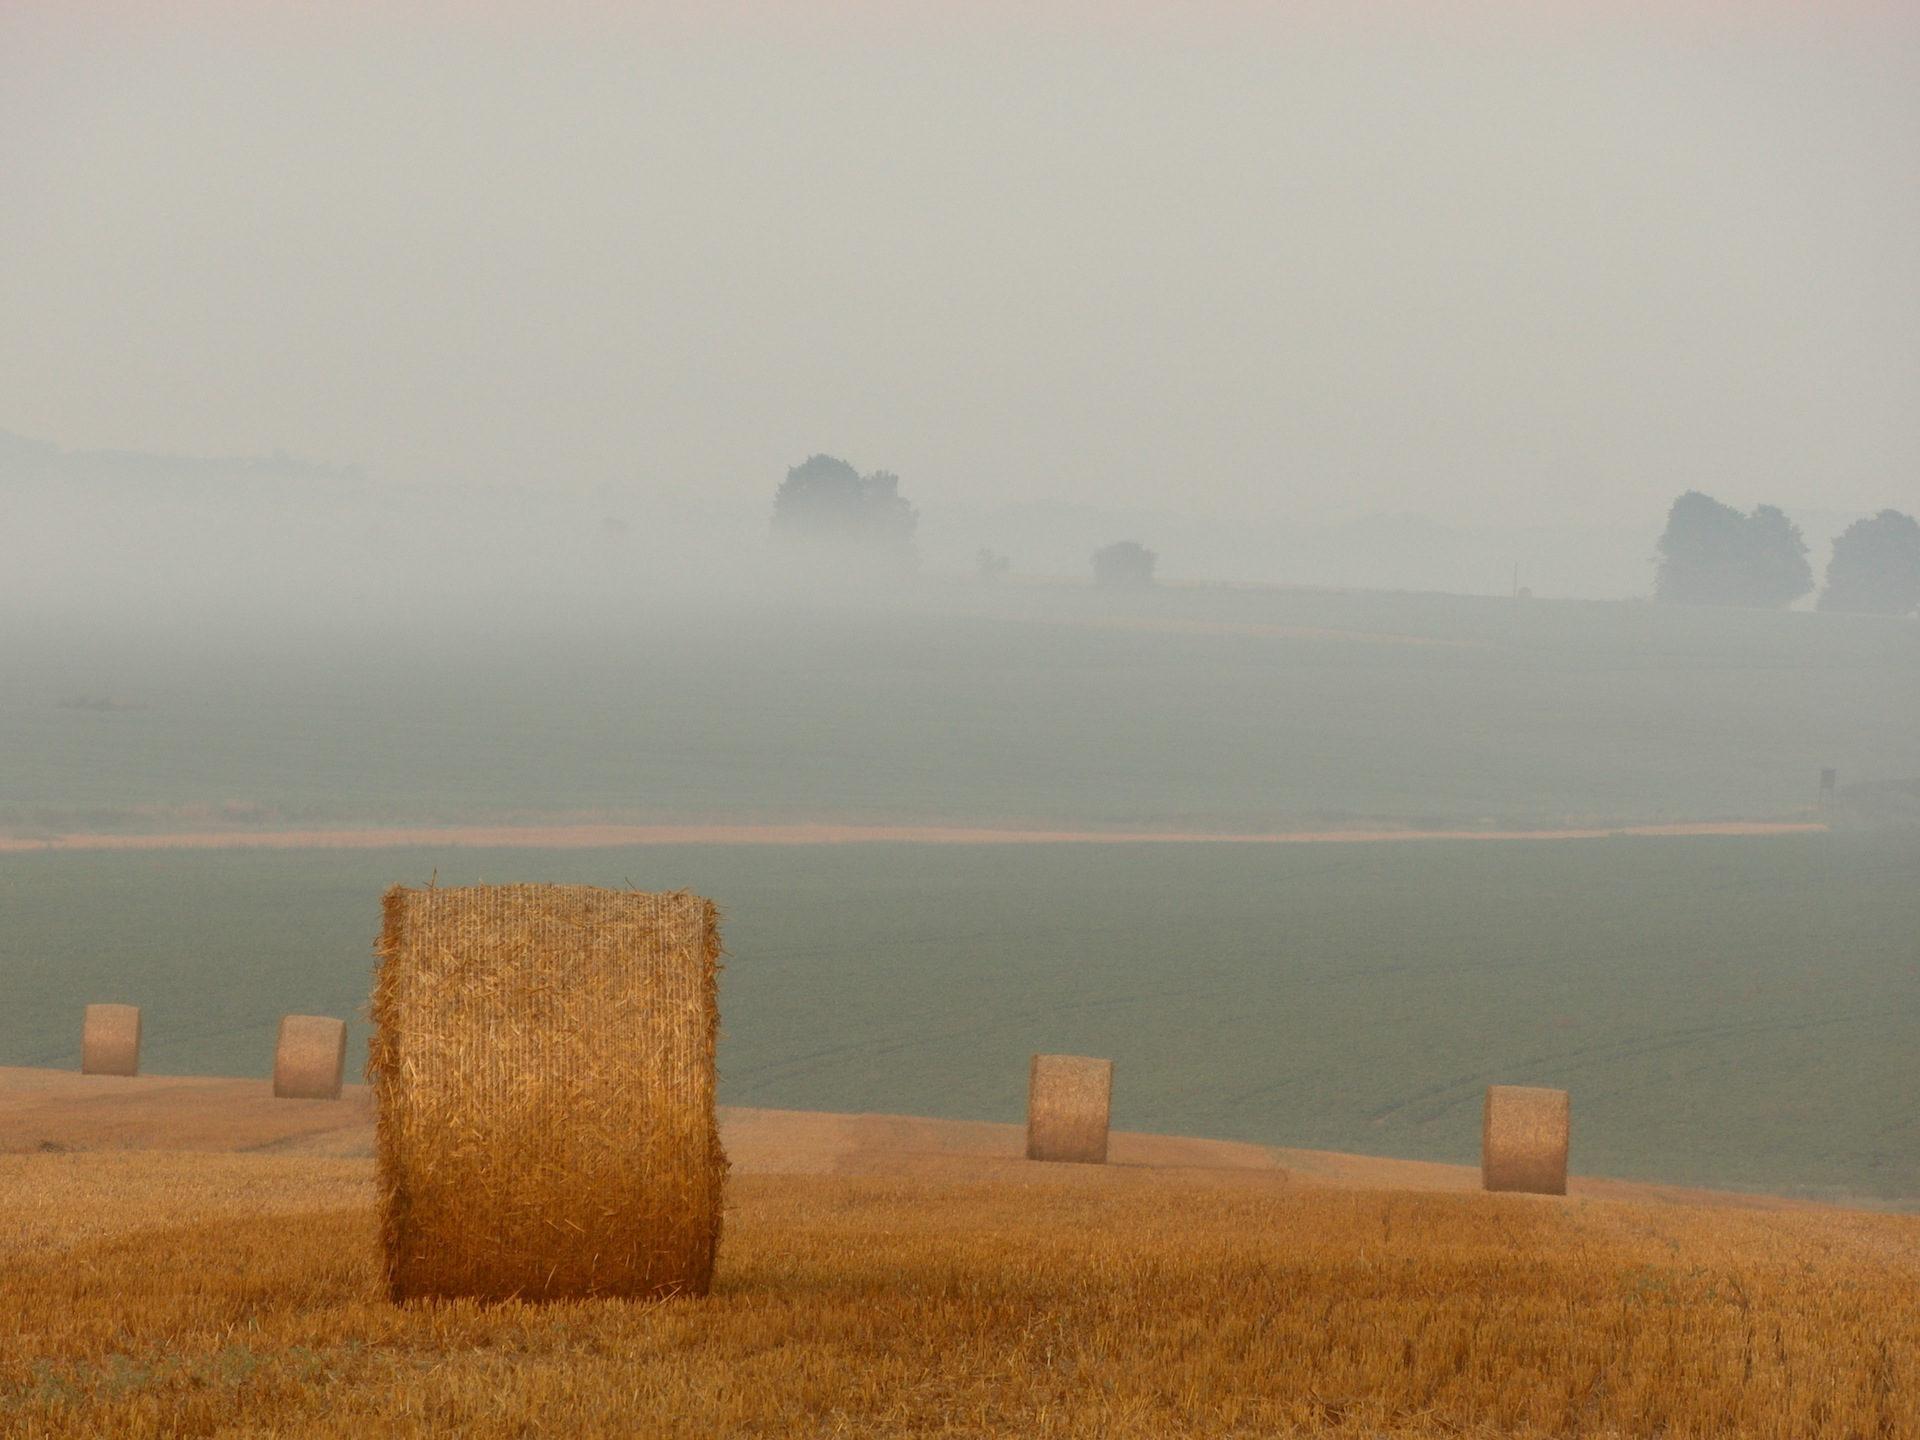 paglia, erba, Rulo, pradera, nebbia - Sfondi HD - Professor-falken.com